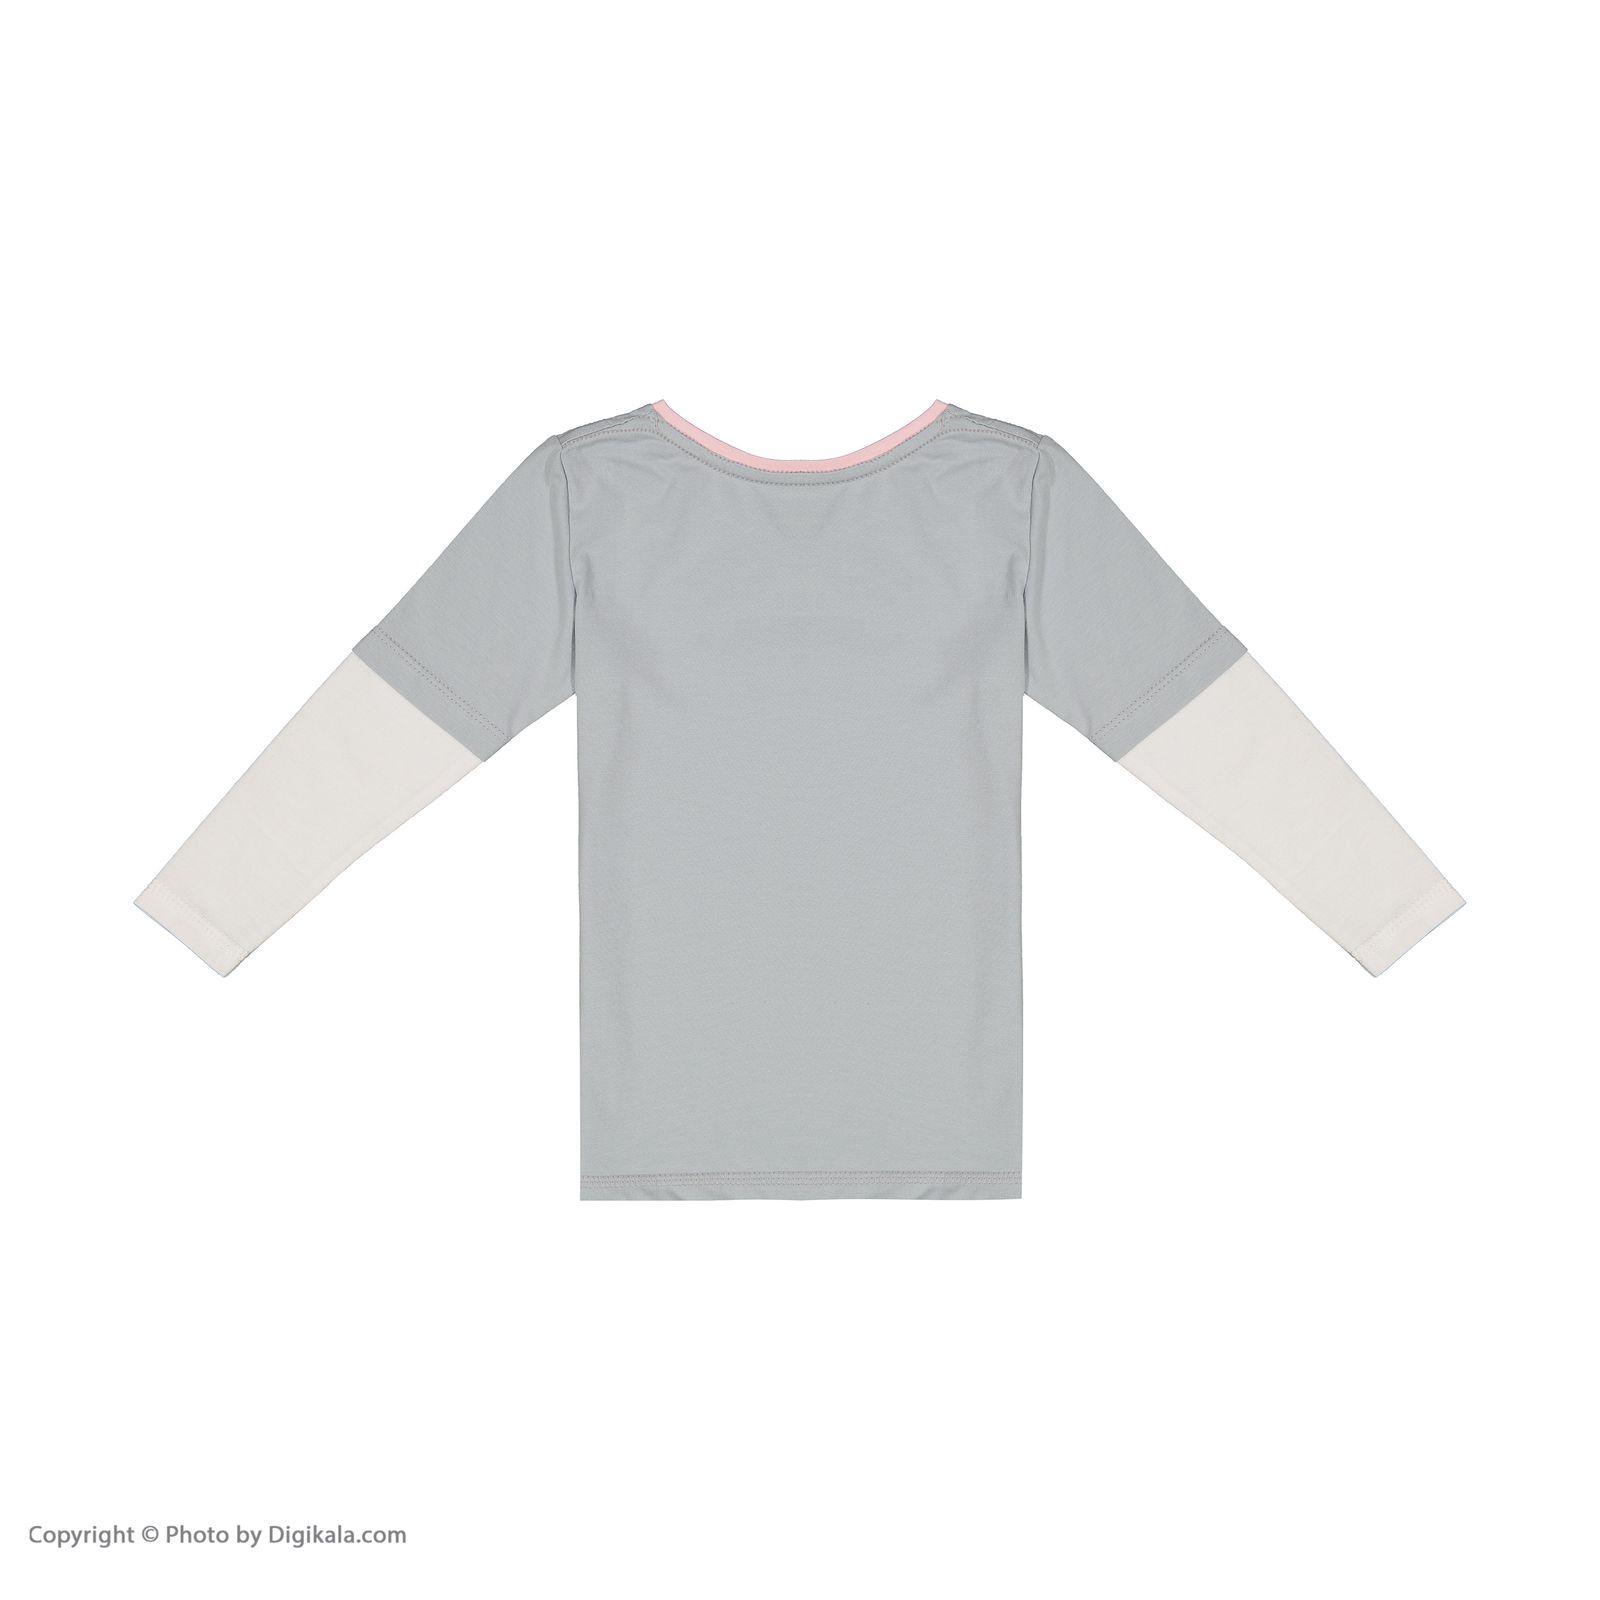 ست تی شرت و شلوار دخترانه ناربن مدل 1521328-93 -  - 8